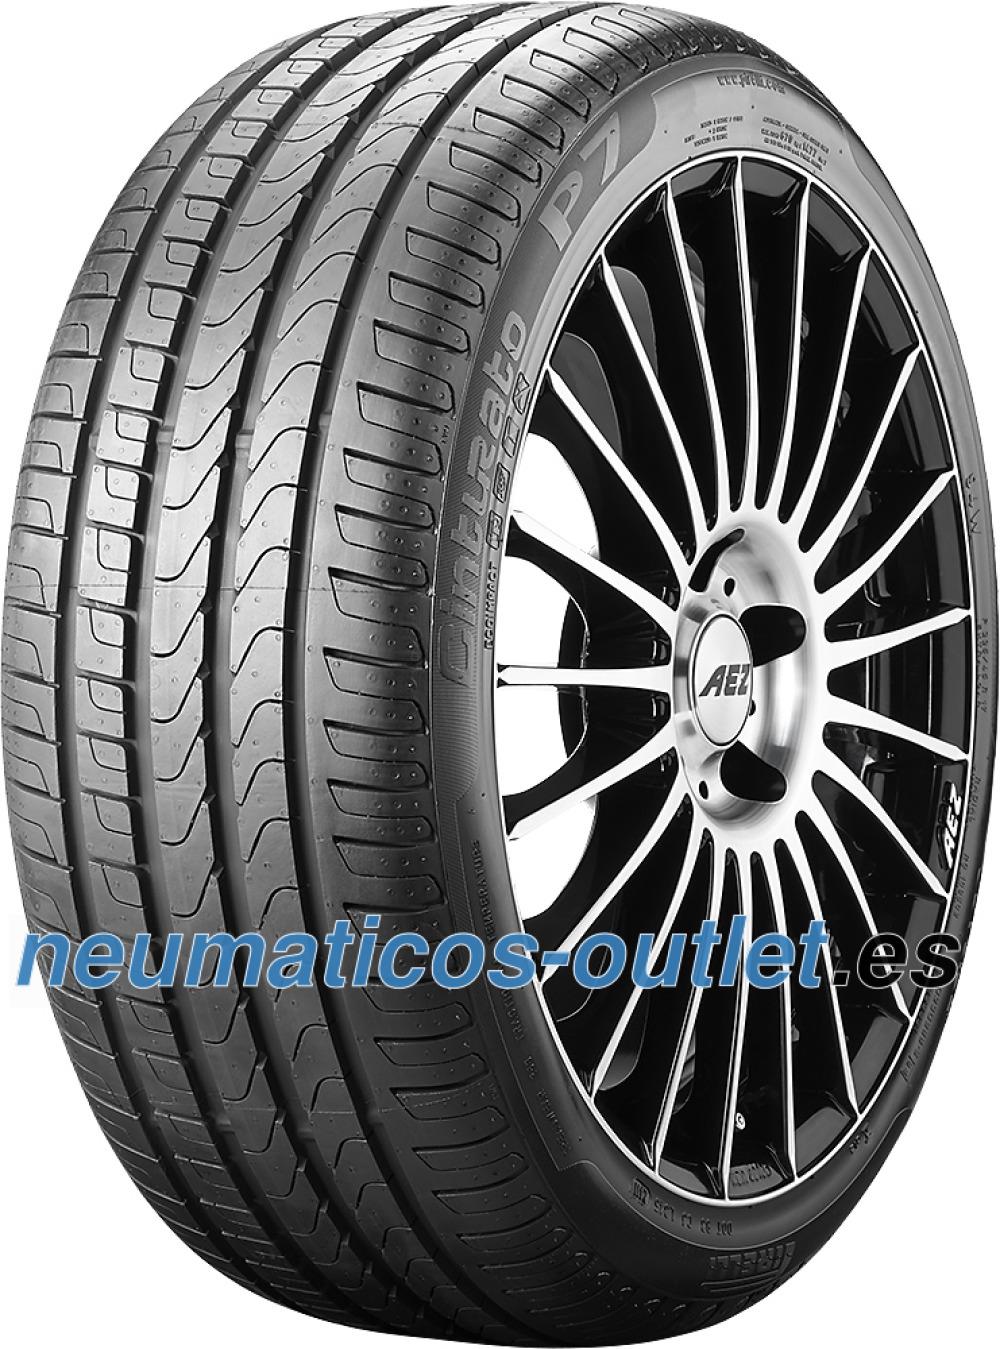 Pirelli Cinturato P7 runflat ( 225/45 R18 91Y runflat, *, ECOIMPACT, con protector de llanta (MFS) )